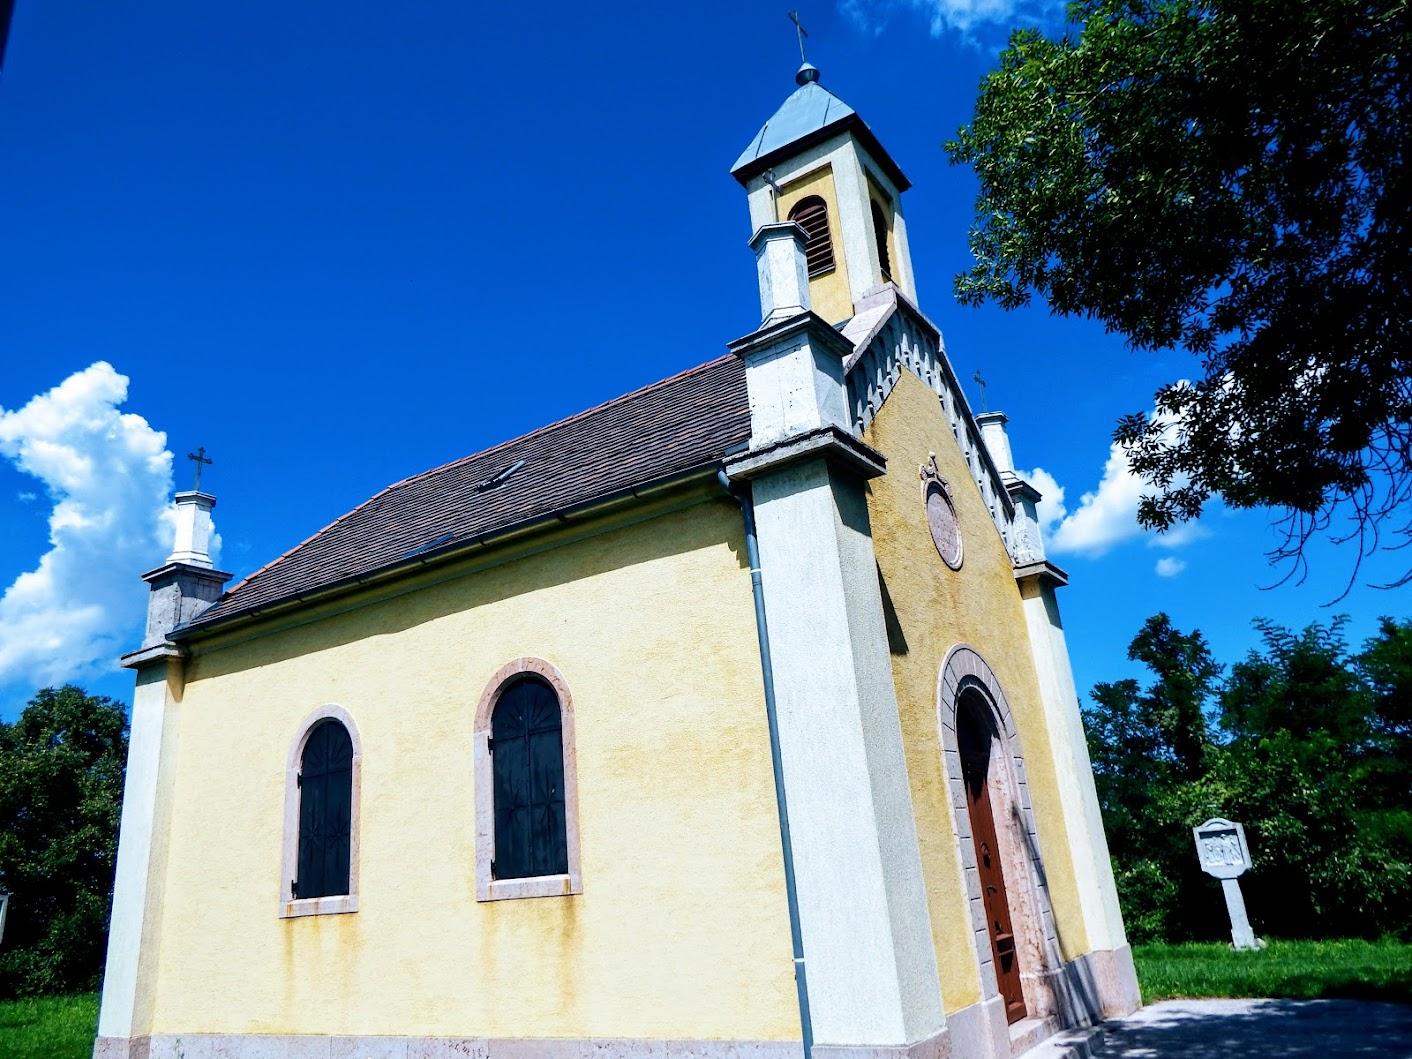 Süttő - Szent Ilona-kápolna és keresztút a kálvária-dombon